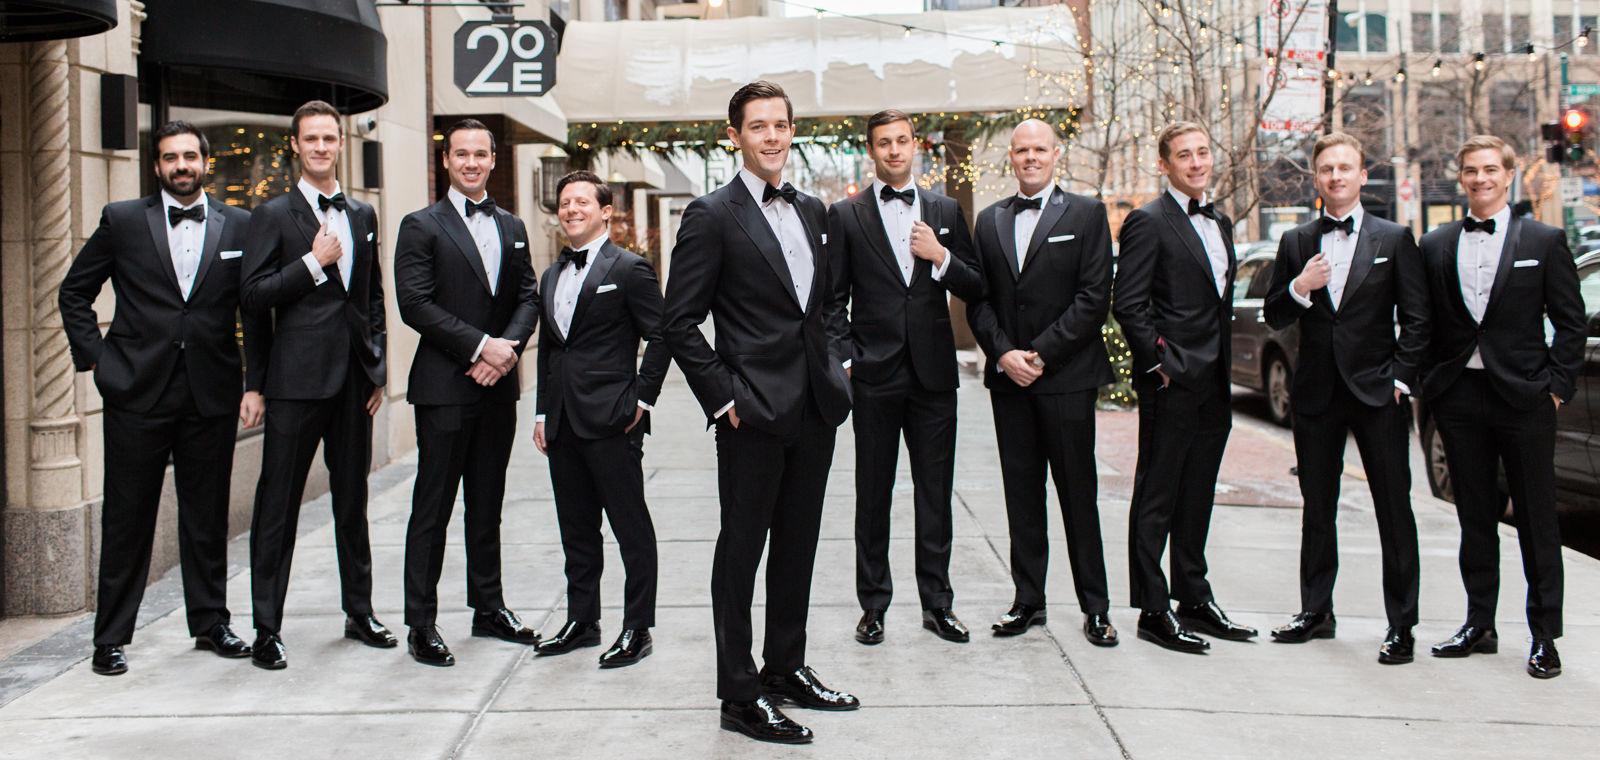 Talbott Hotel_Weddings_Grooms Party_Hi Res